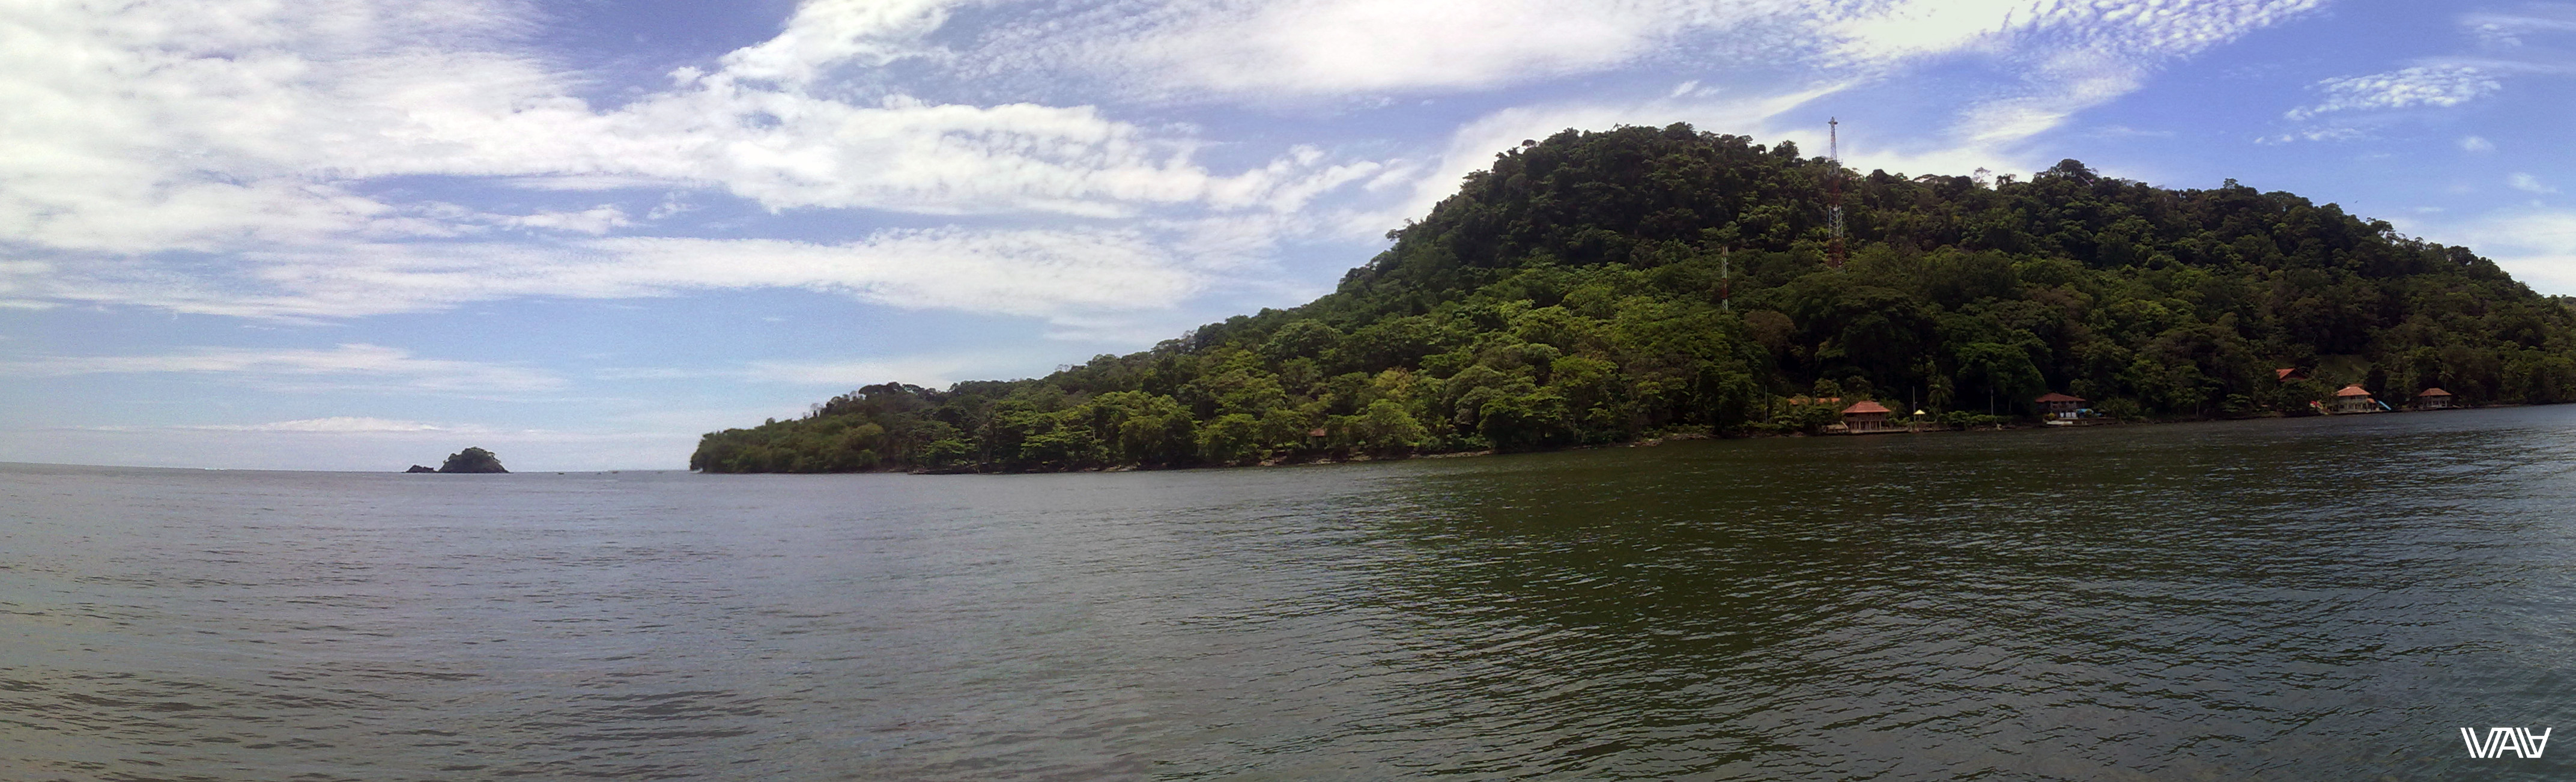 При выходе из бухты прямо в Карибское море. Хотела бы я жить в том домике на краю залива. Портобело, Панама